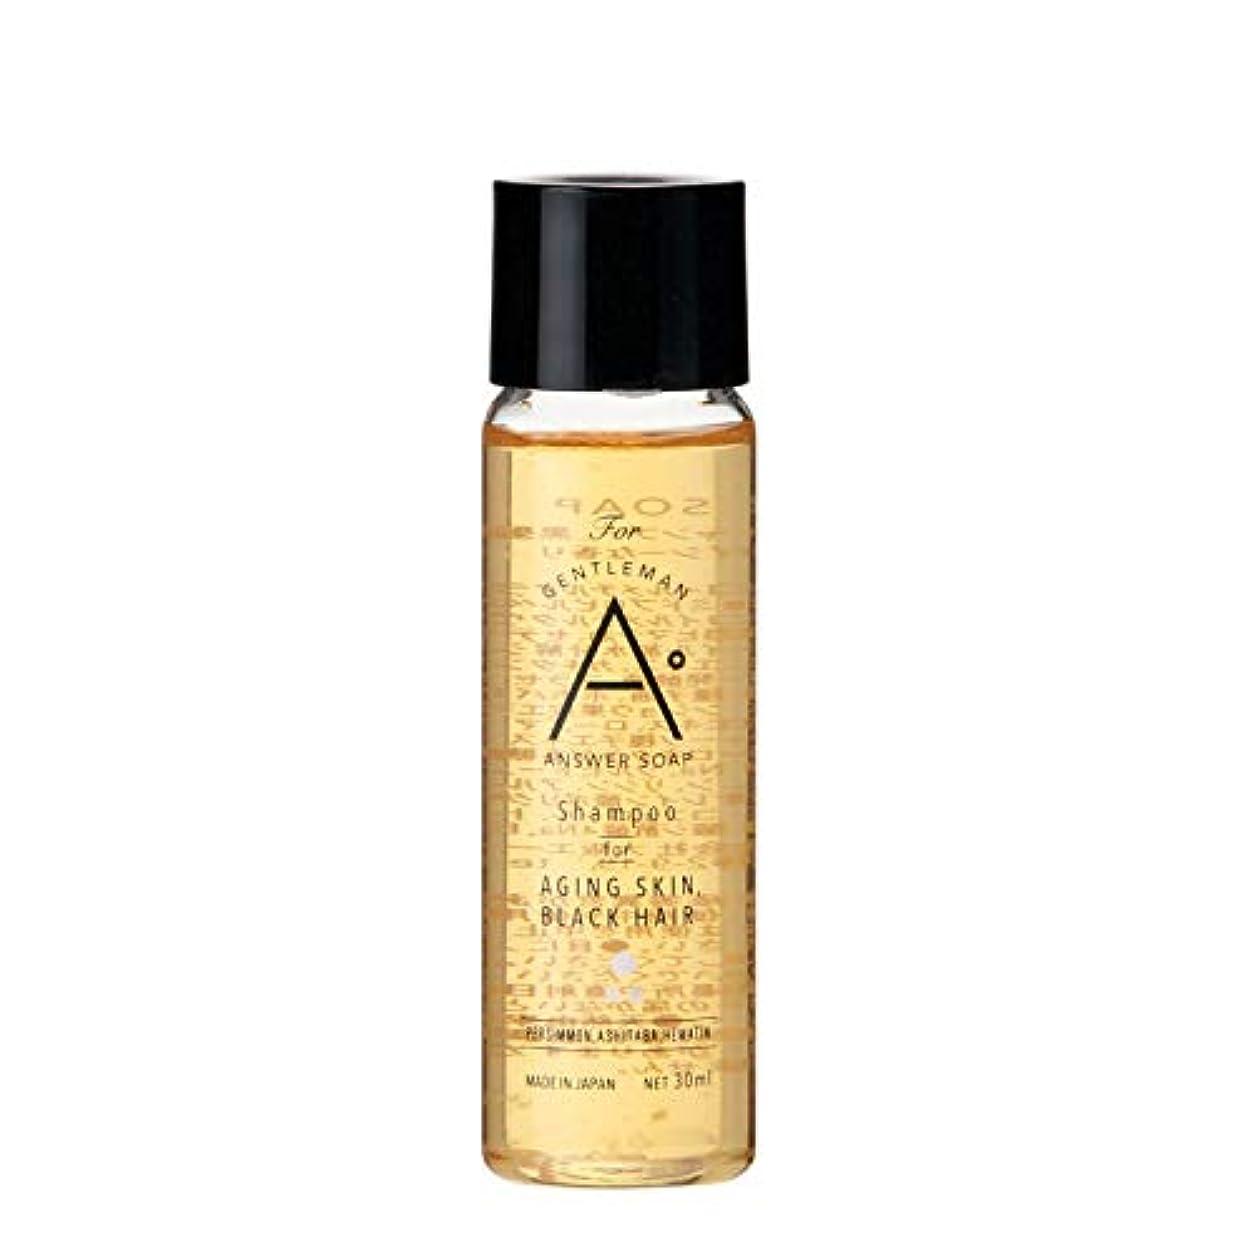 認可独裁者買収ANSWER SOAP シャンプー トラベルサイズ 30mL【 お試し 頭皮ケア スカルプ 男性用 メンズ 】 (黒髪)